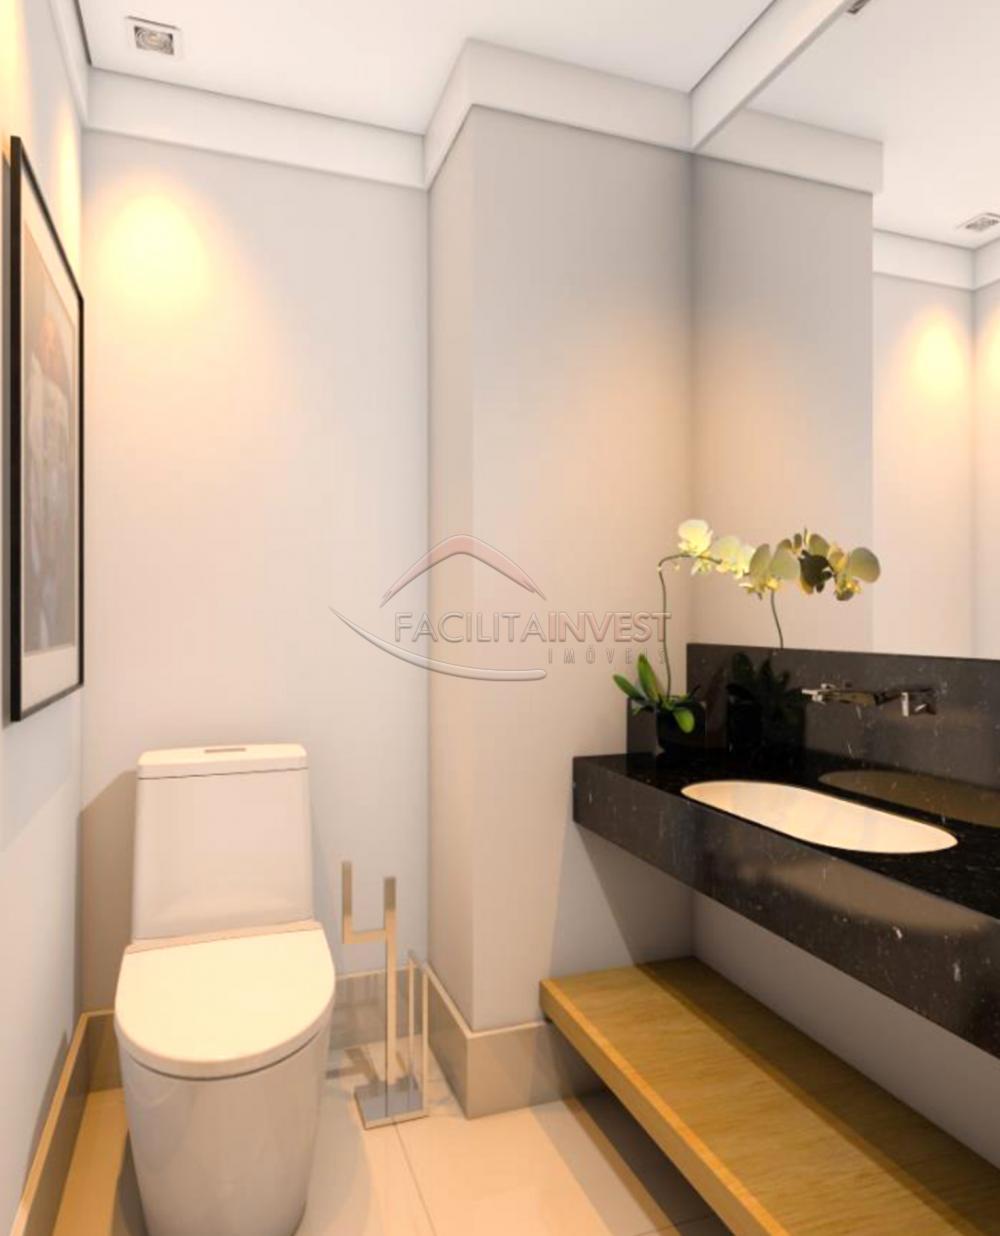 Comprar Lançamentos/ Empreendimentos em Construç / Apartamento padrão - Lançamento em Ribeirão Preto apenas R$ 549.725,00 - Foto 5